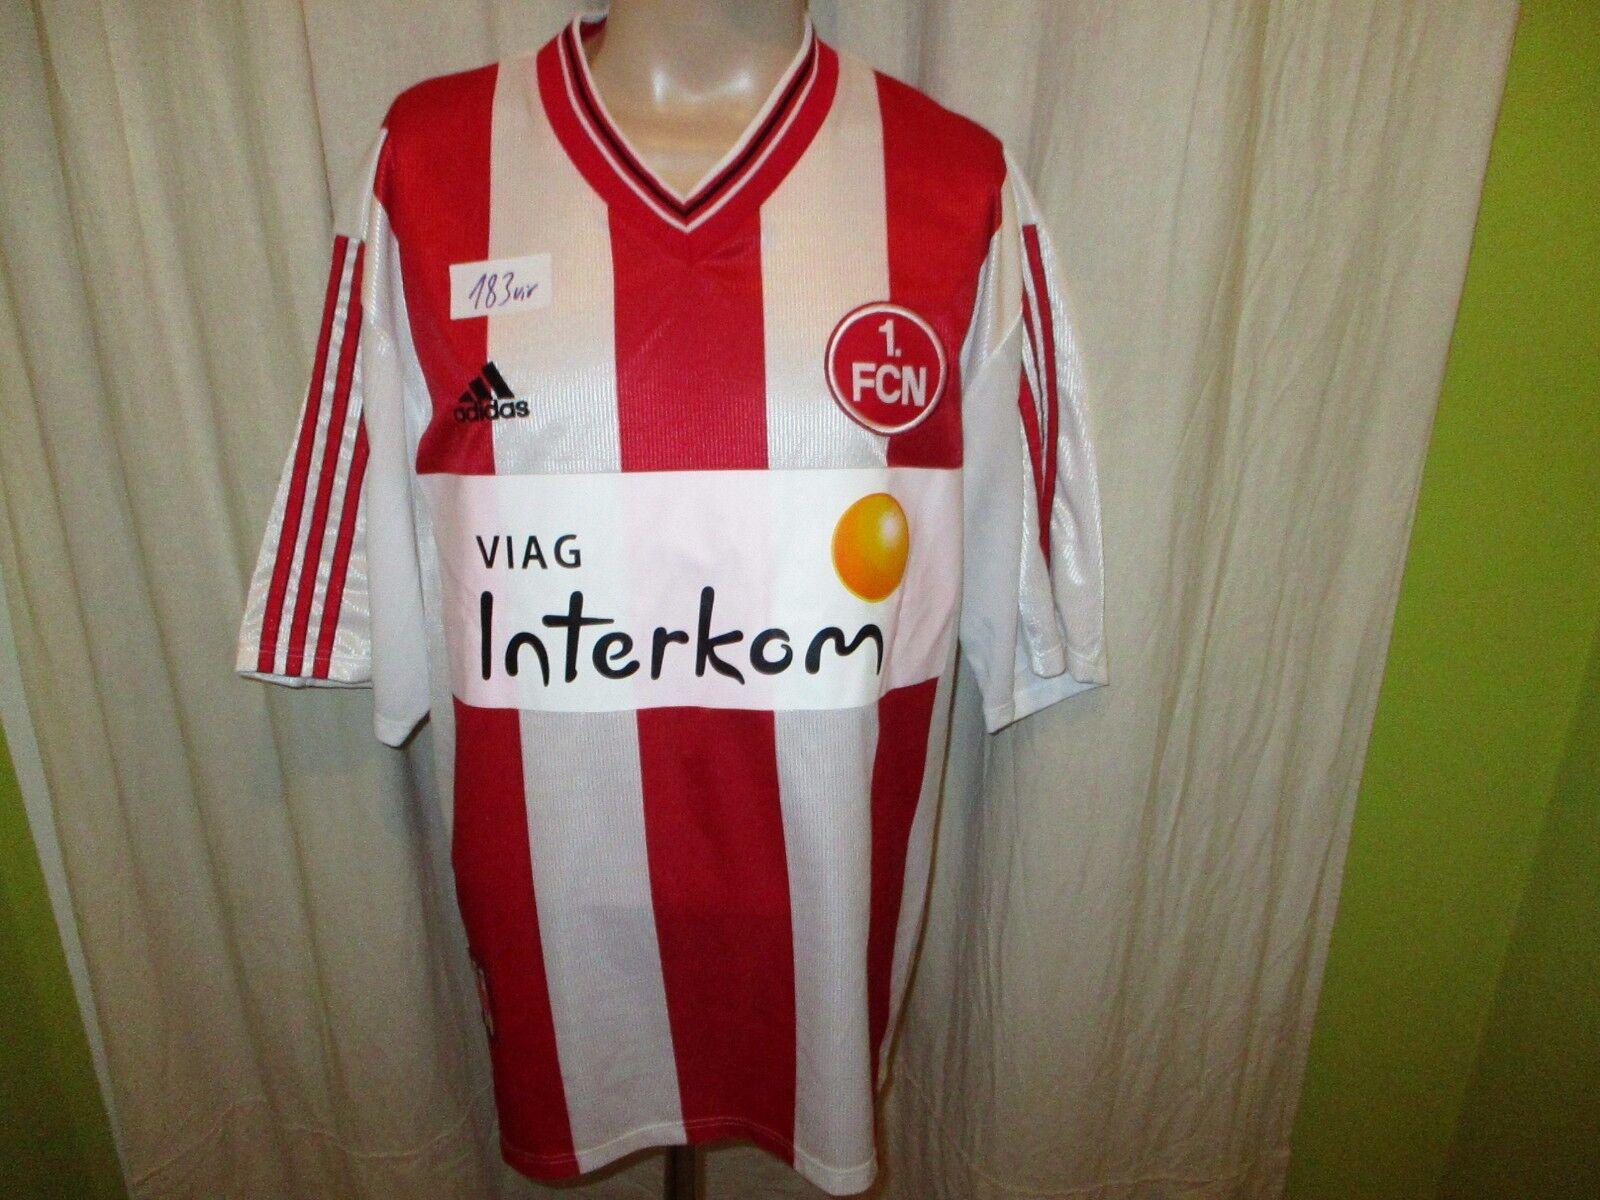 1.FC Nürnberg Original Adidas Heim Trikot 1998 99  Viag Interkom  Gr.XL- XXL TOP